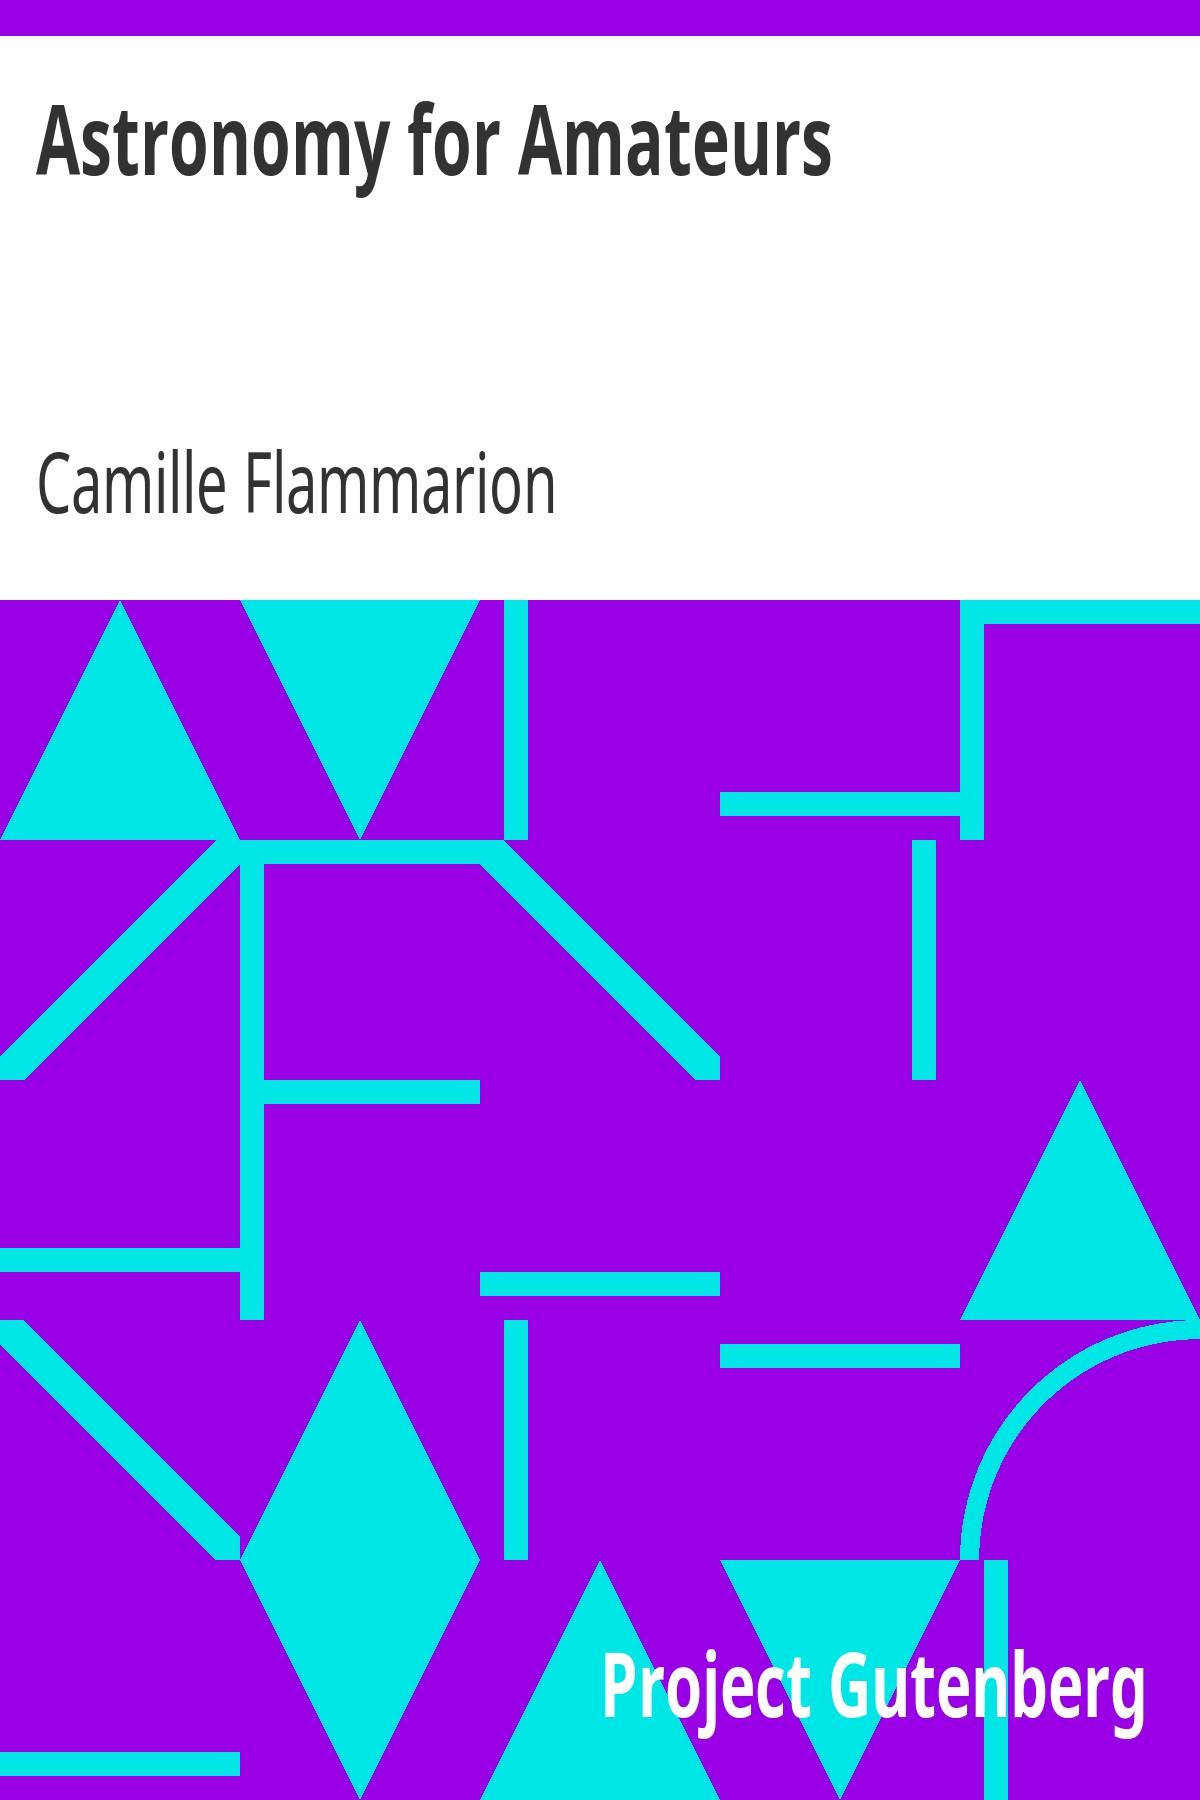 Каміль Фламмаріон Astronomy for Amateurs